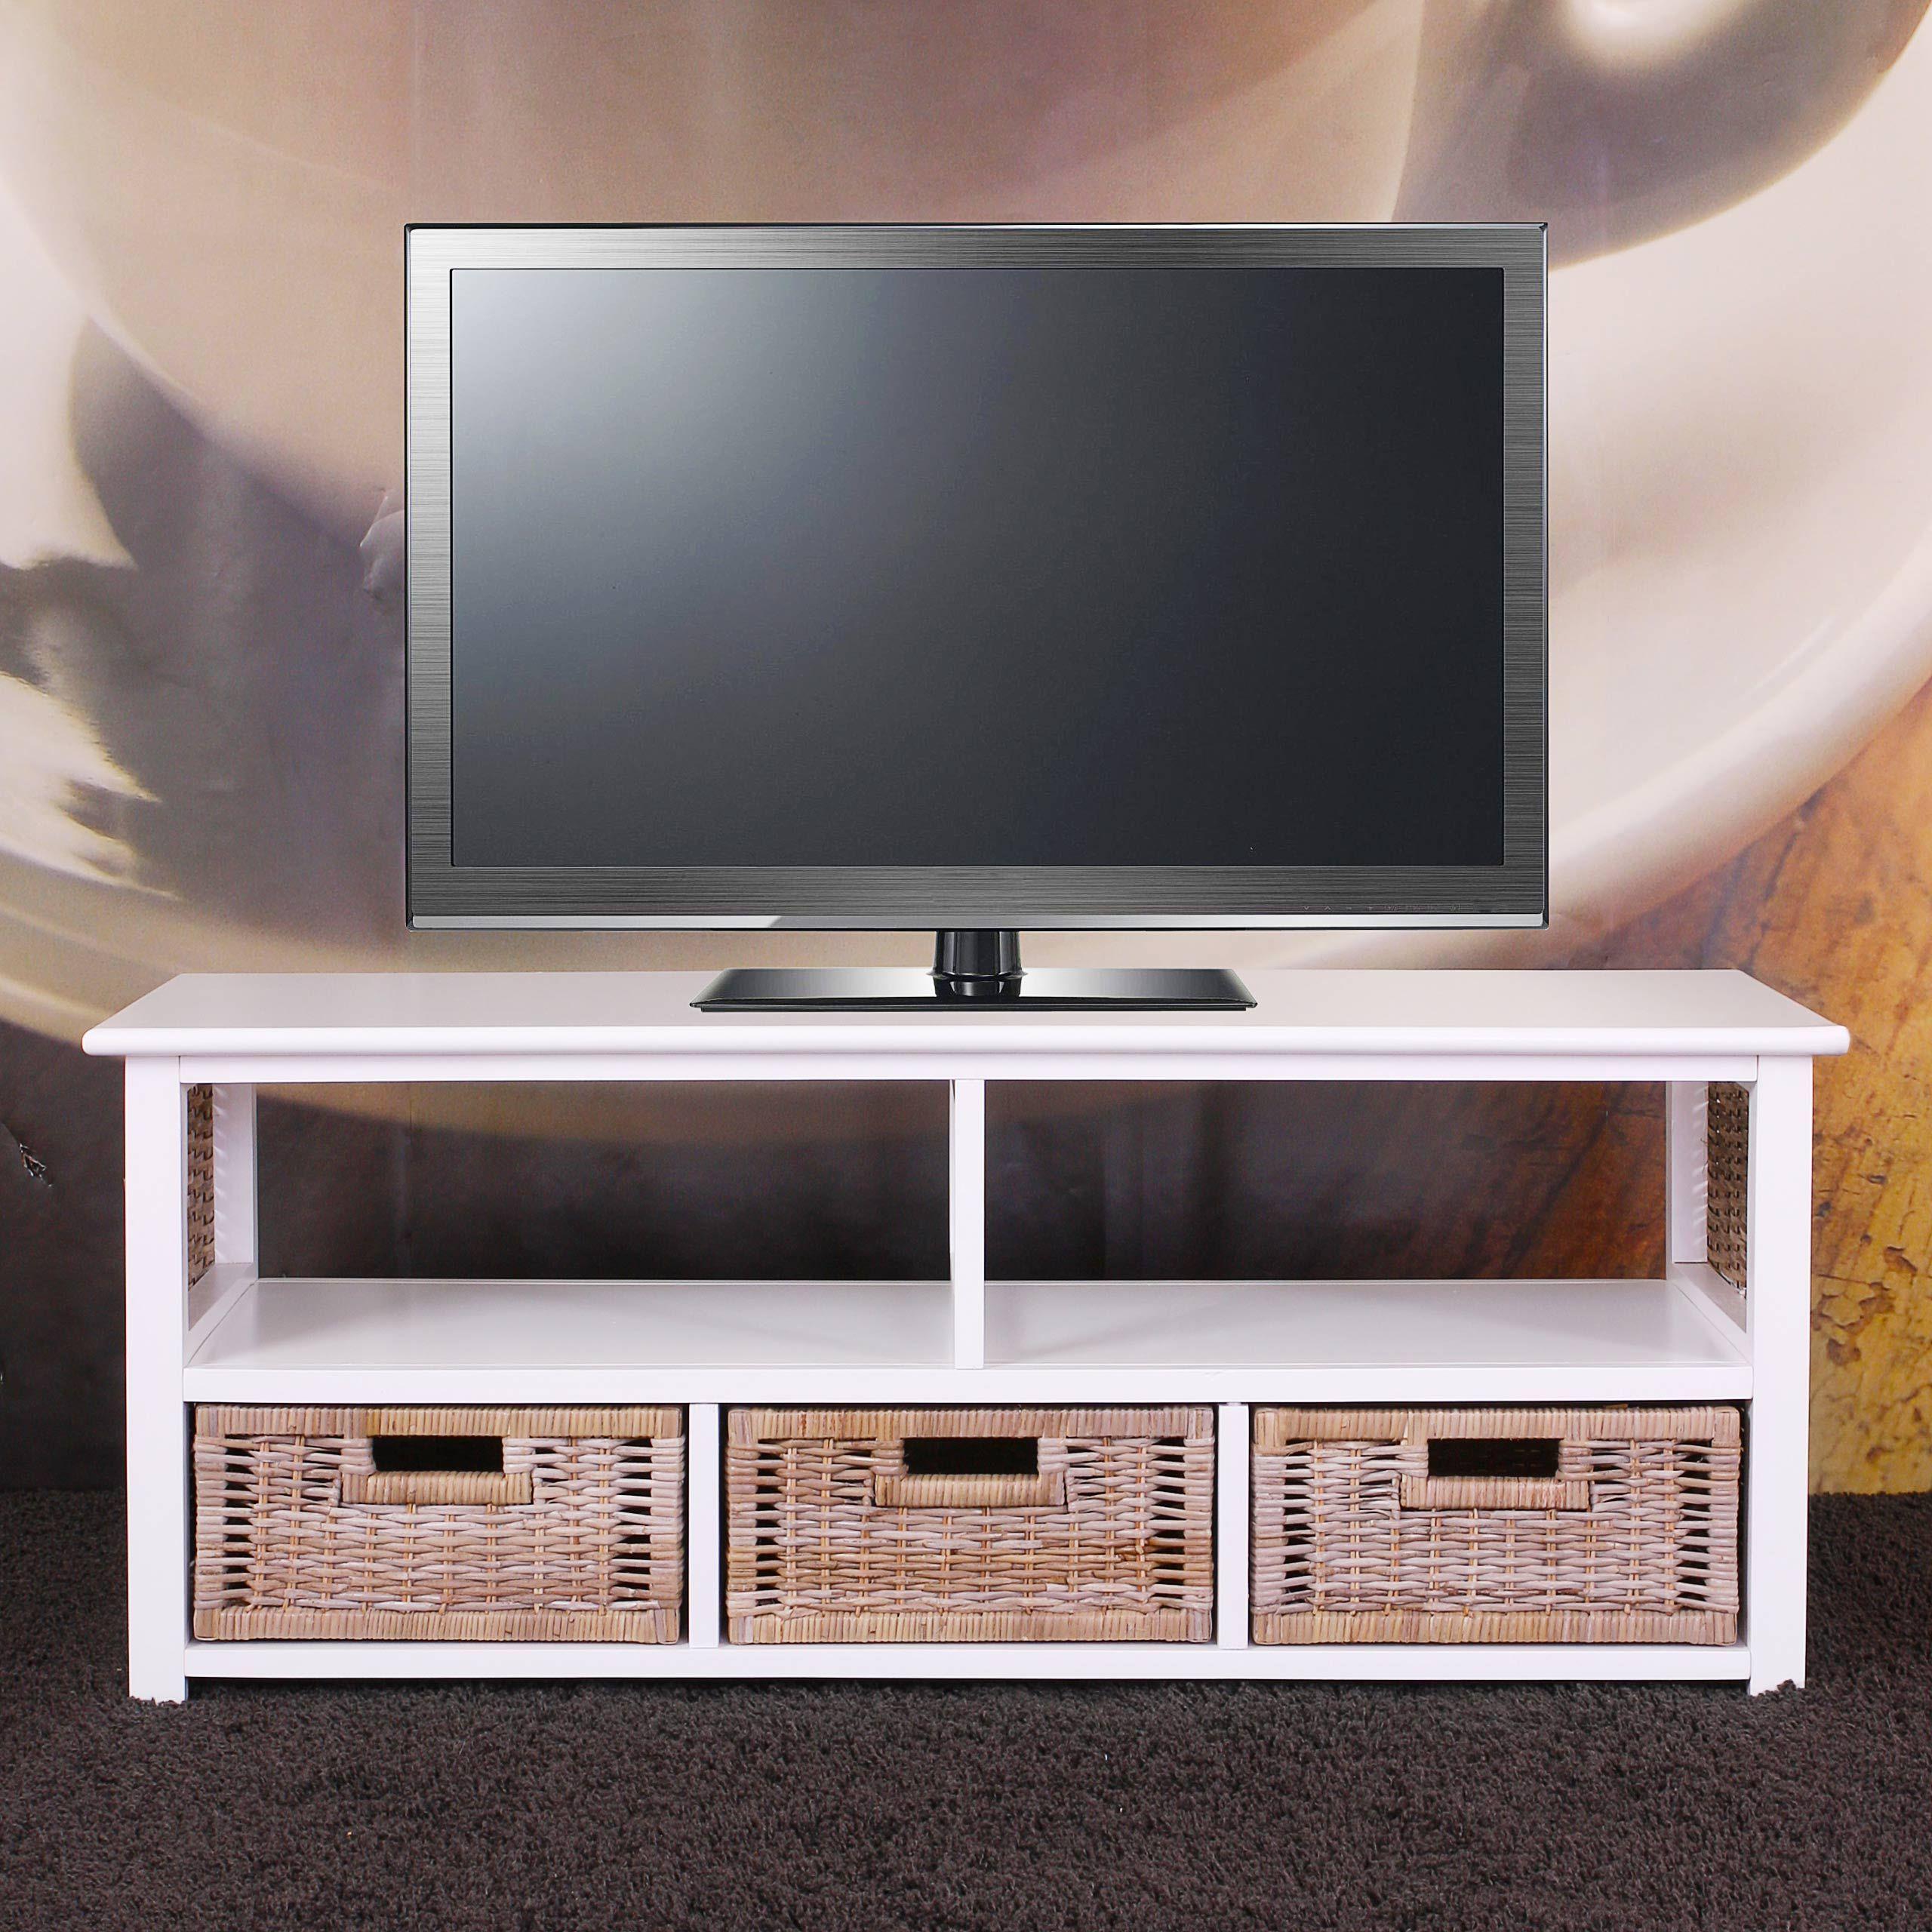 Meuble Table Basse T L Bois Massif Osier 3 Tiroirs Meubles D  # Meuble Tv Angle Laquelle